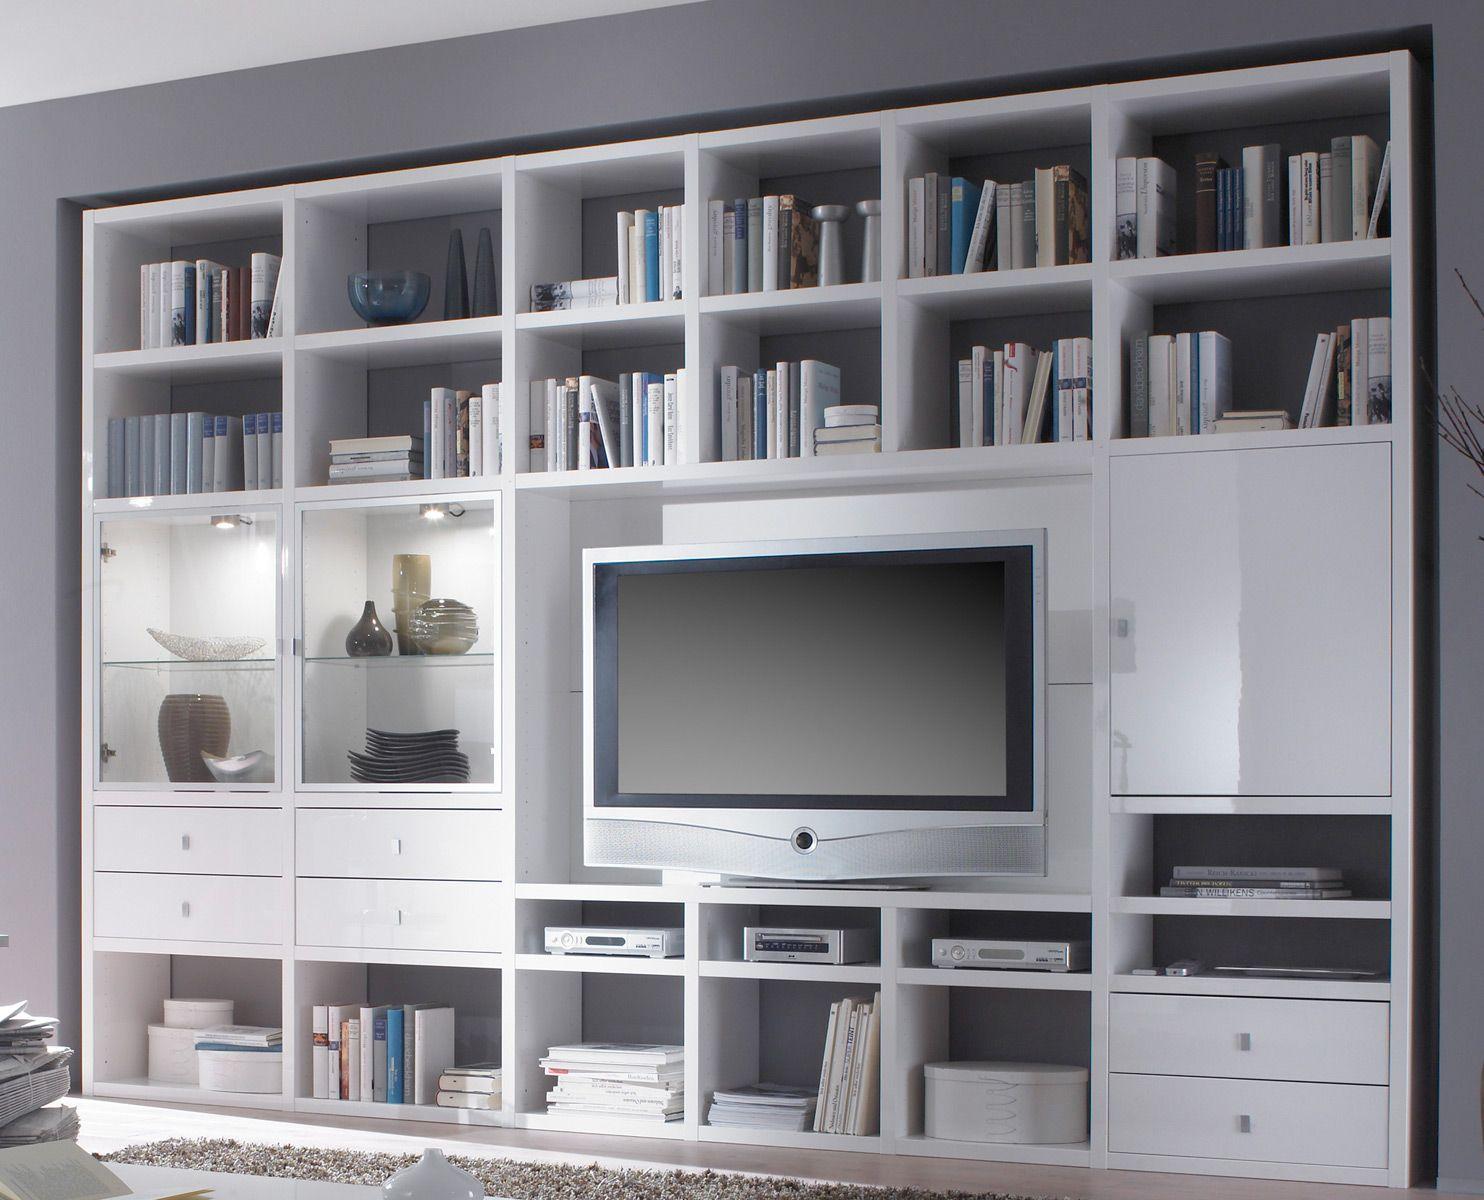 Bücherregal Wohnwand - Google-Suche